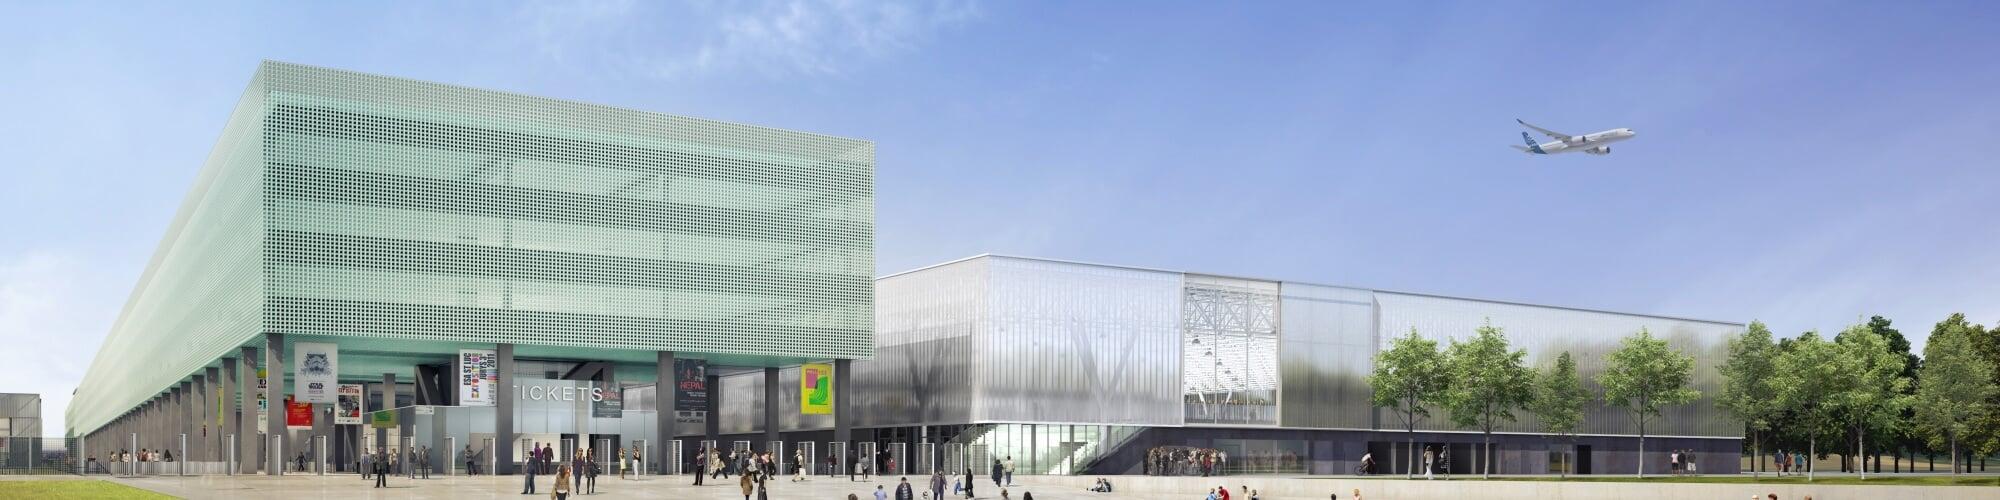 Toulouse-parc-des-expositions-MEETT